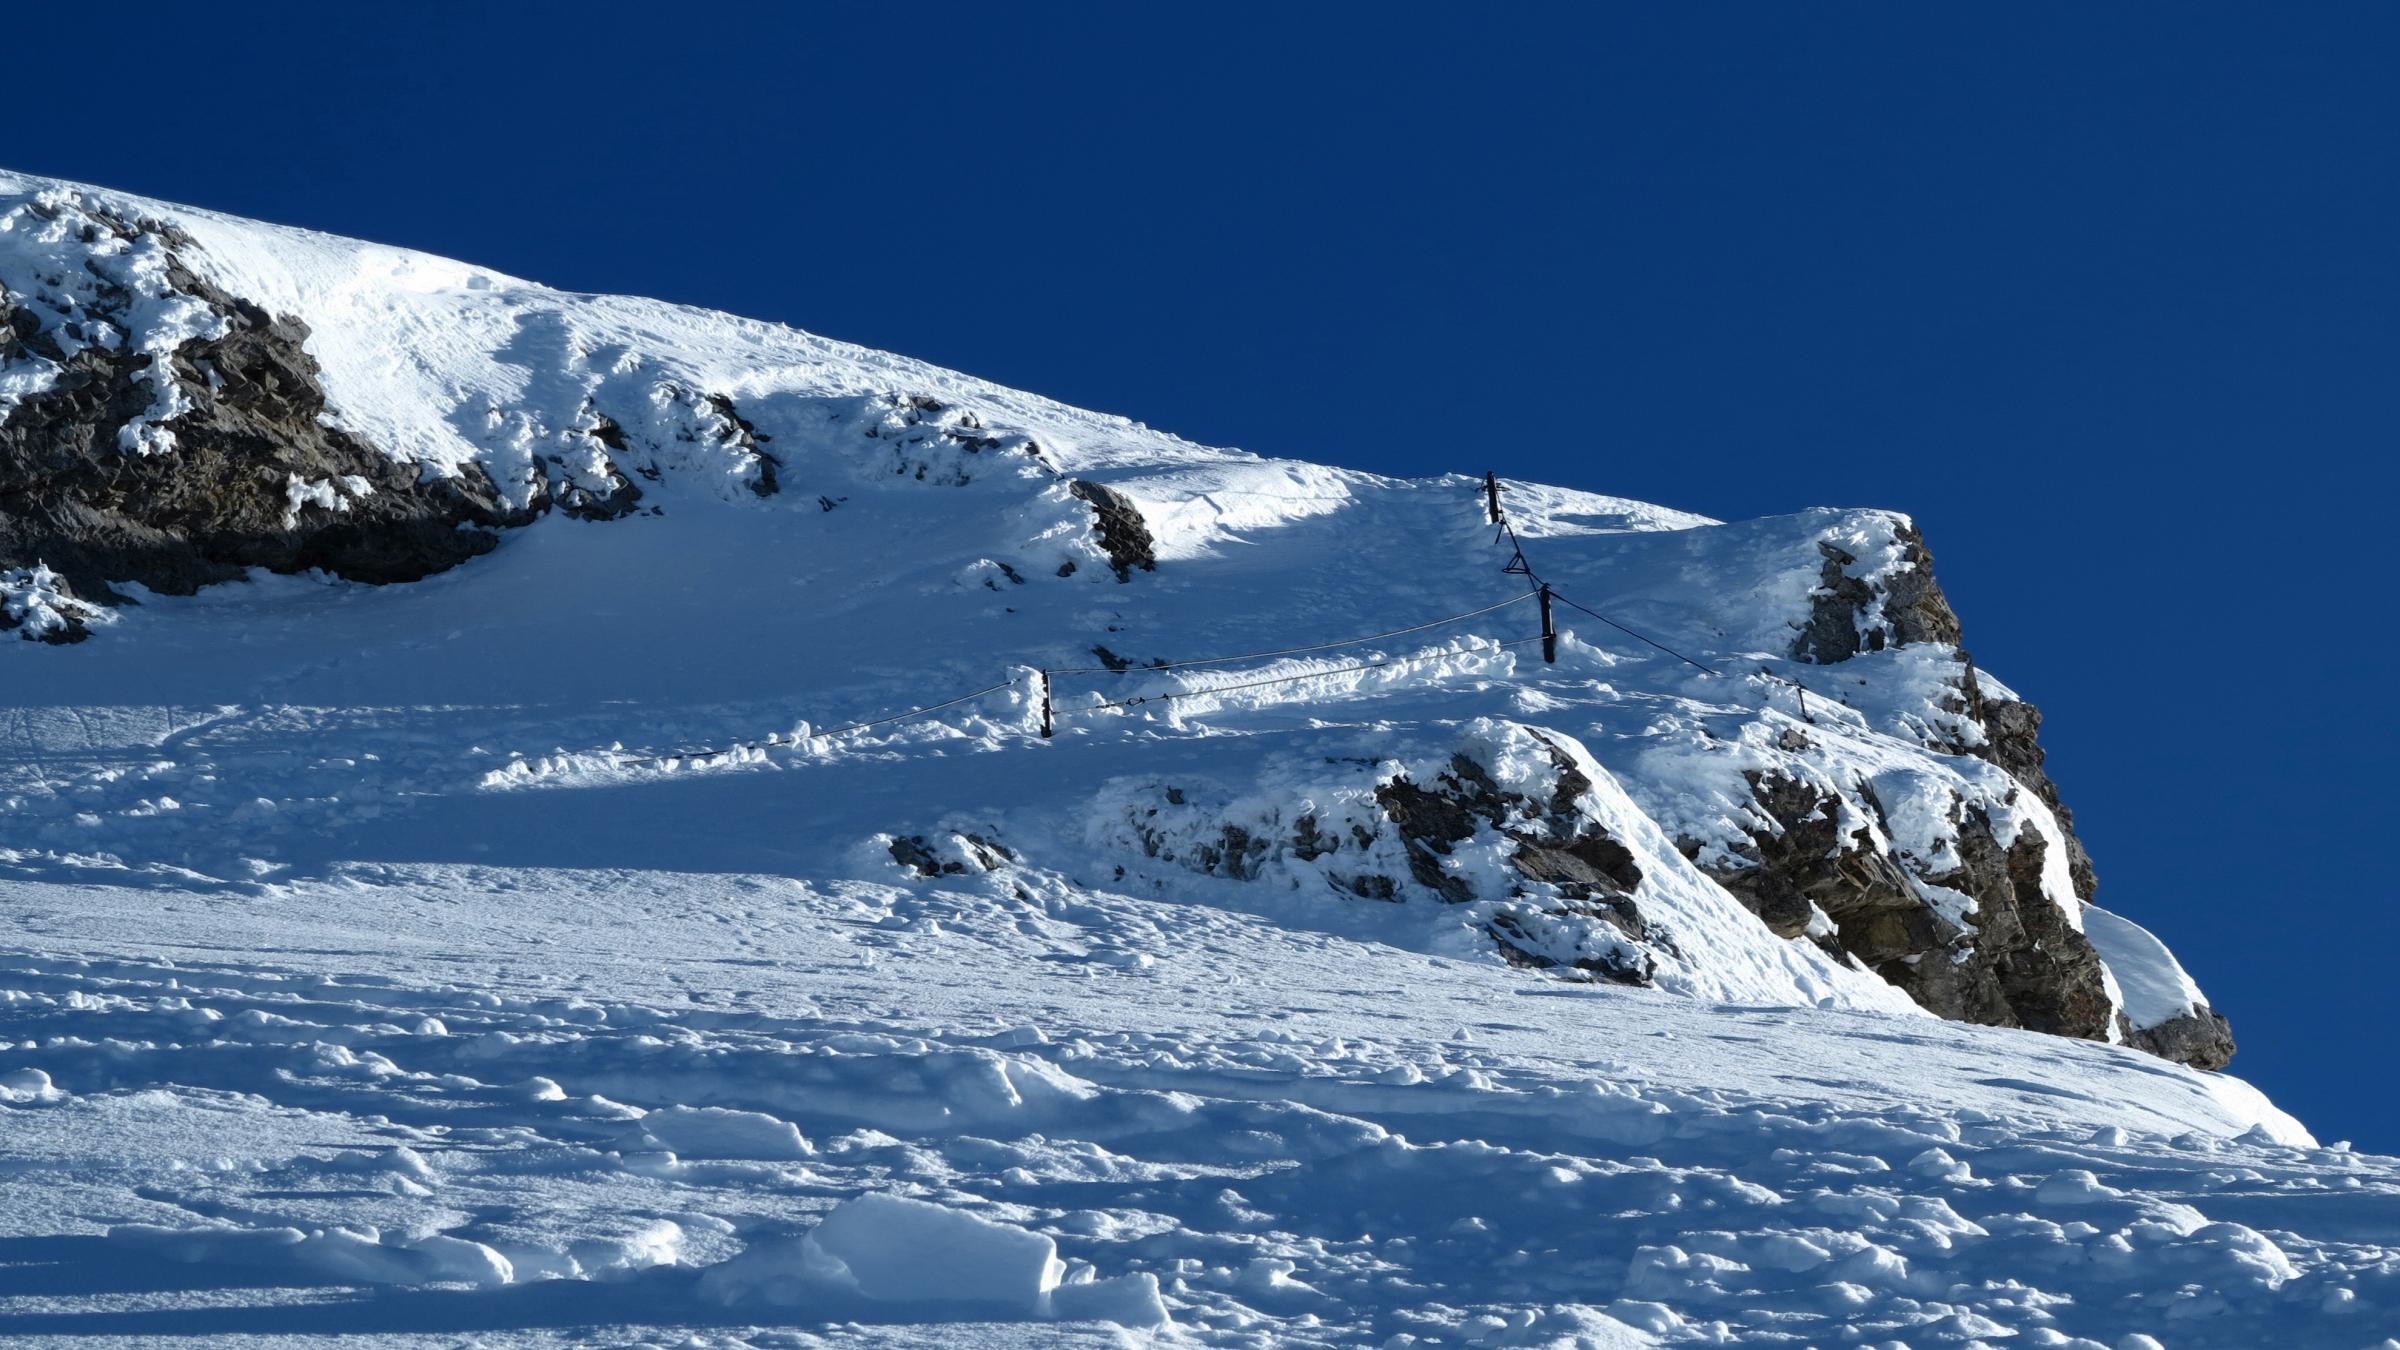 Der Fussaufstieg zum Gipfel ist durch ein Fixseil entschärft. Einen Eispickel dabei zu haben schadet allerdings nicht, sollte das Seil eingeschneit oder der Aufstieg vereist sein.